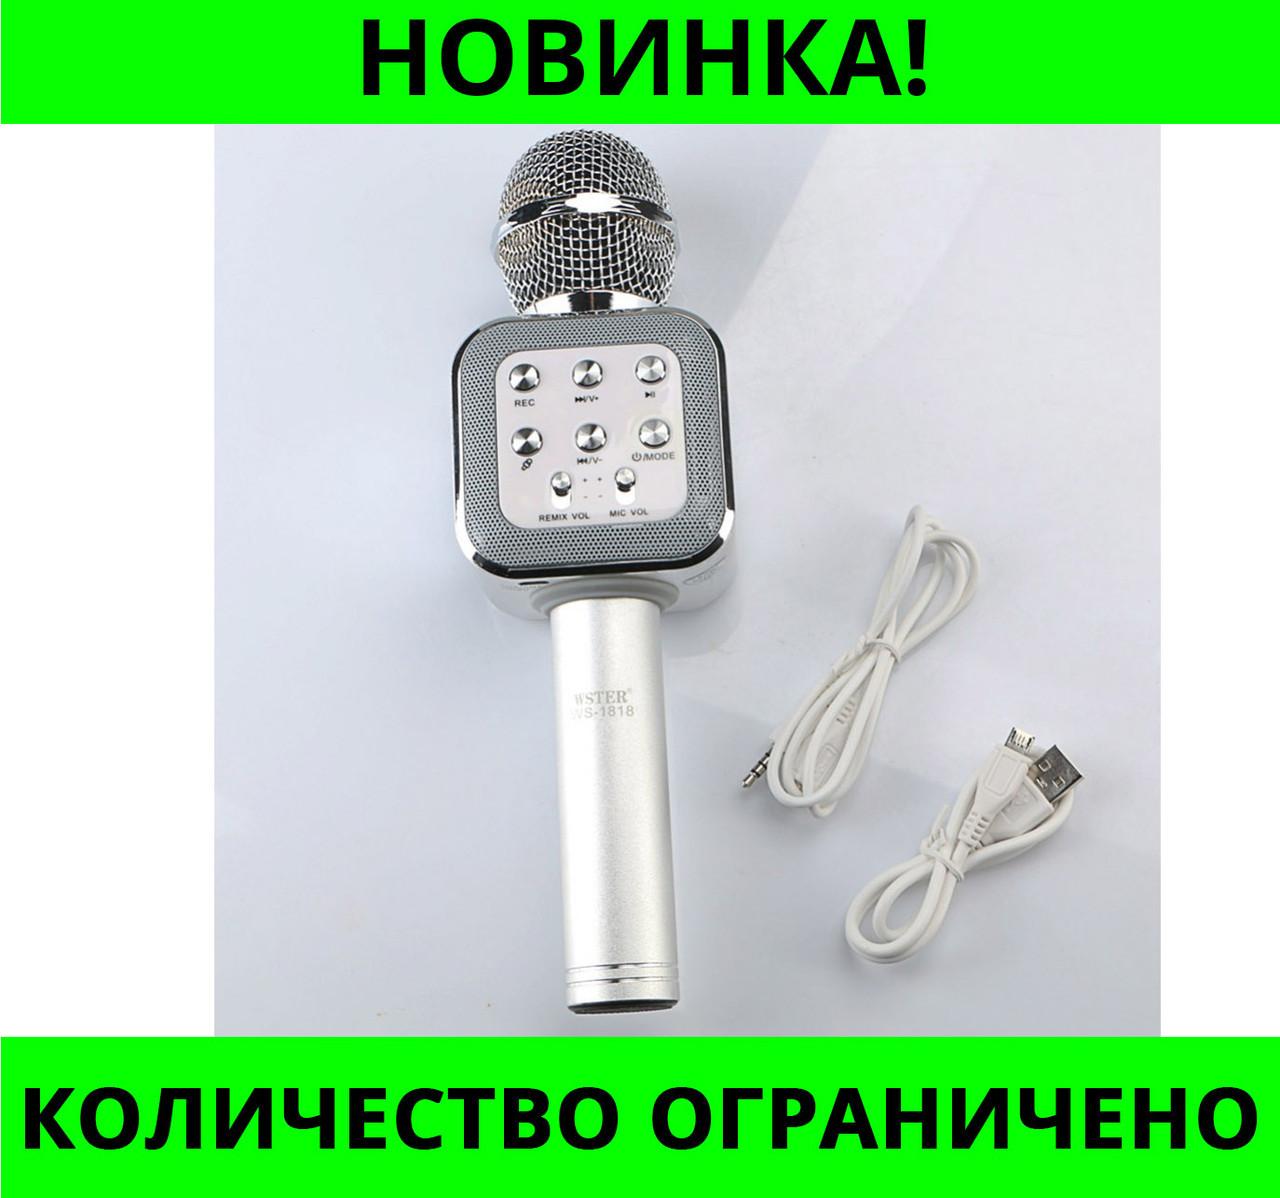 Беспроводная колонка - микрофон караоке Wster WS-1818!Розница и Опт